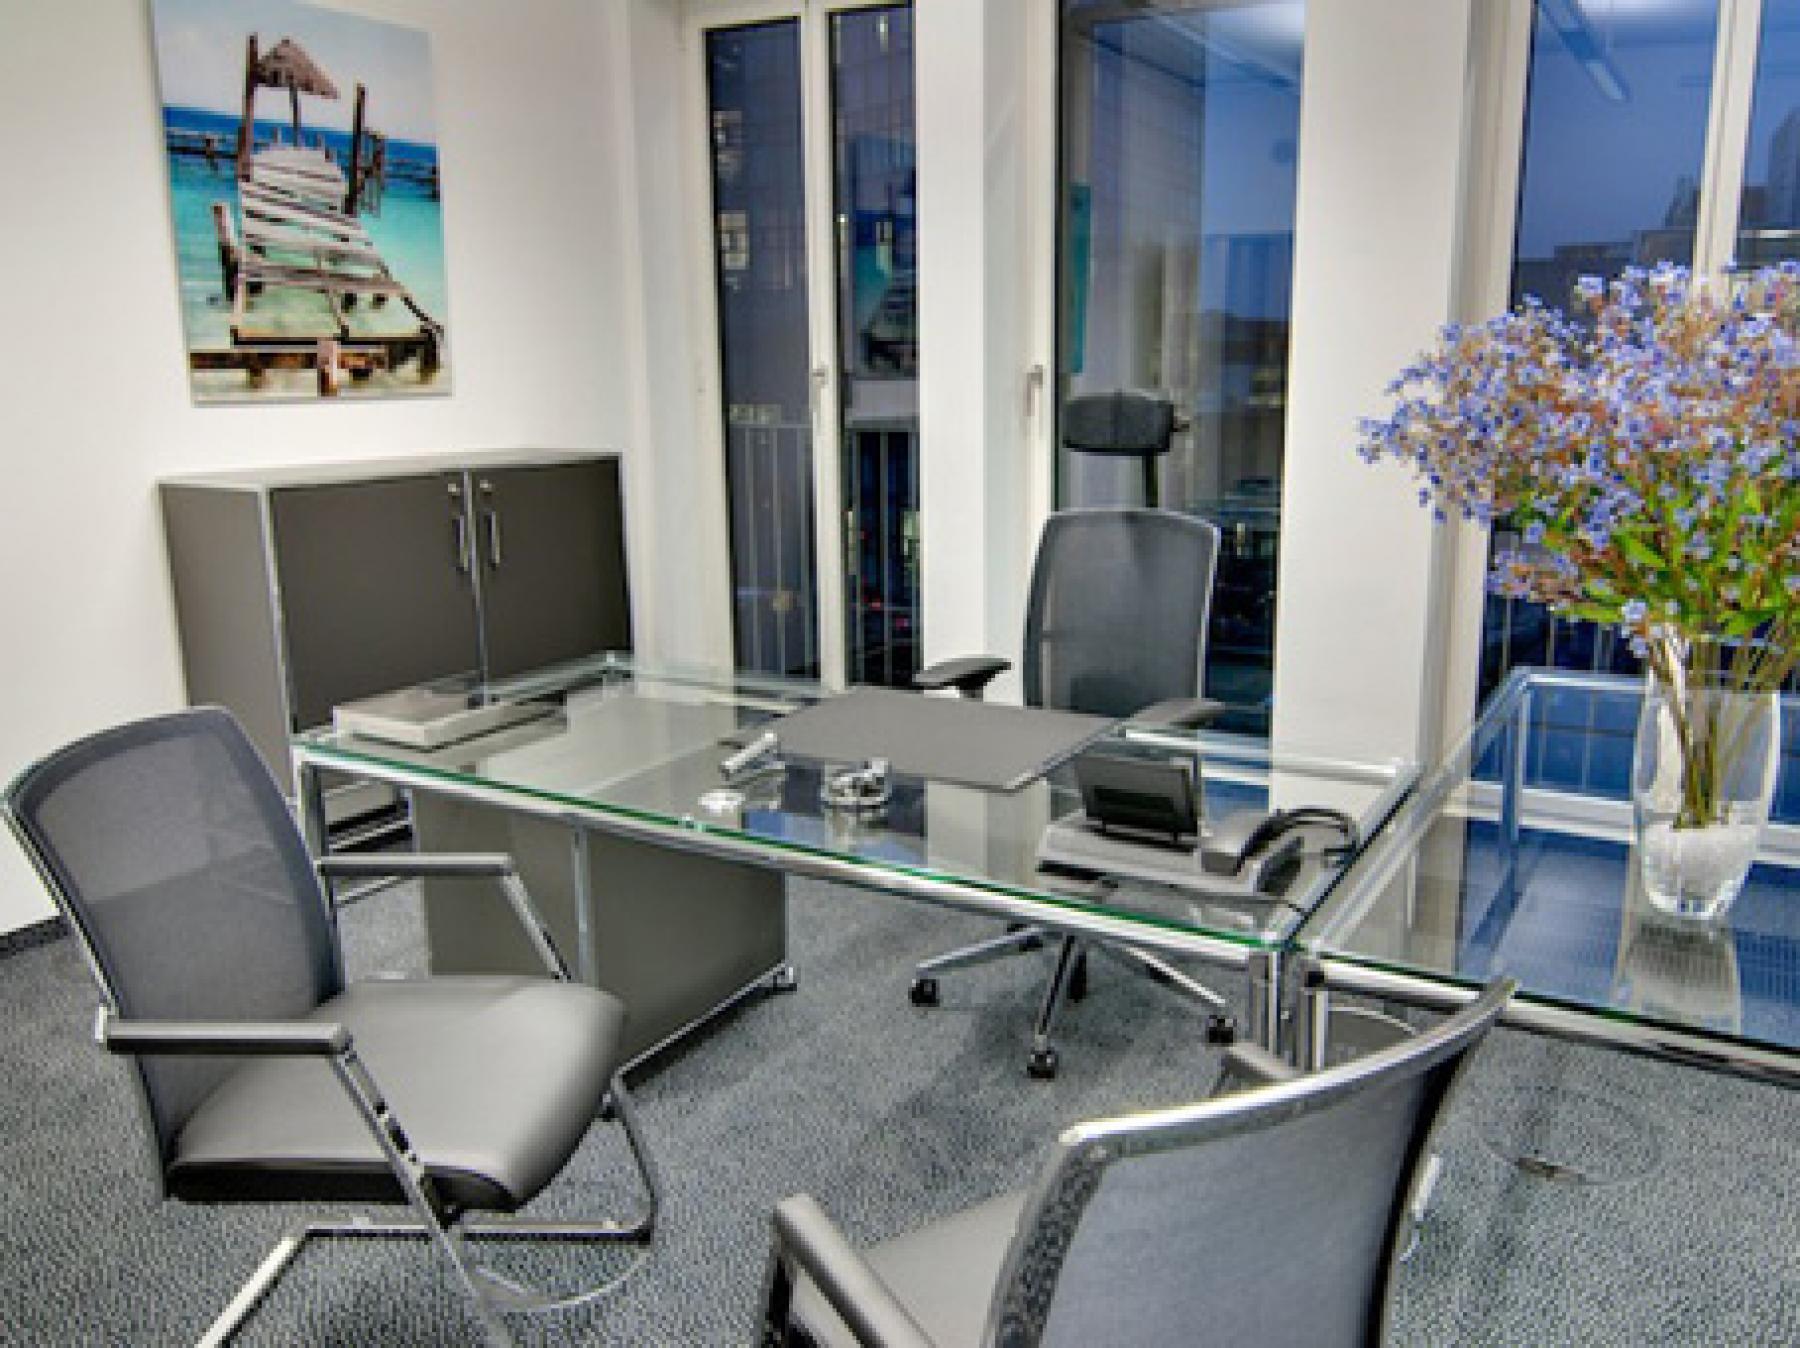 Rent office space Nymphenburger Straße 4, München (4)